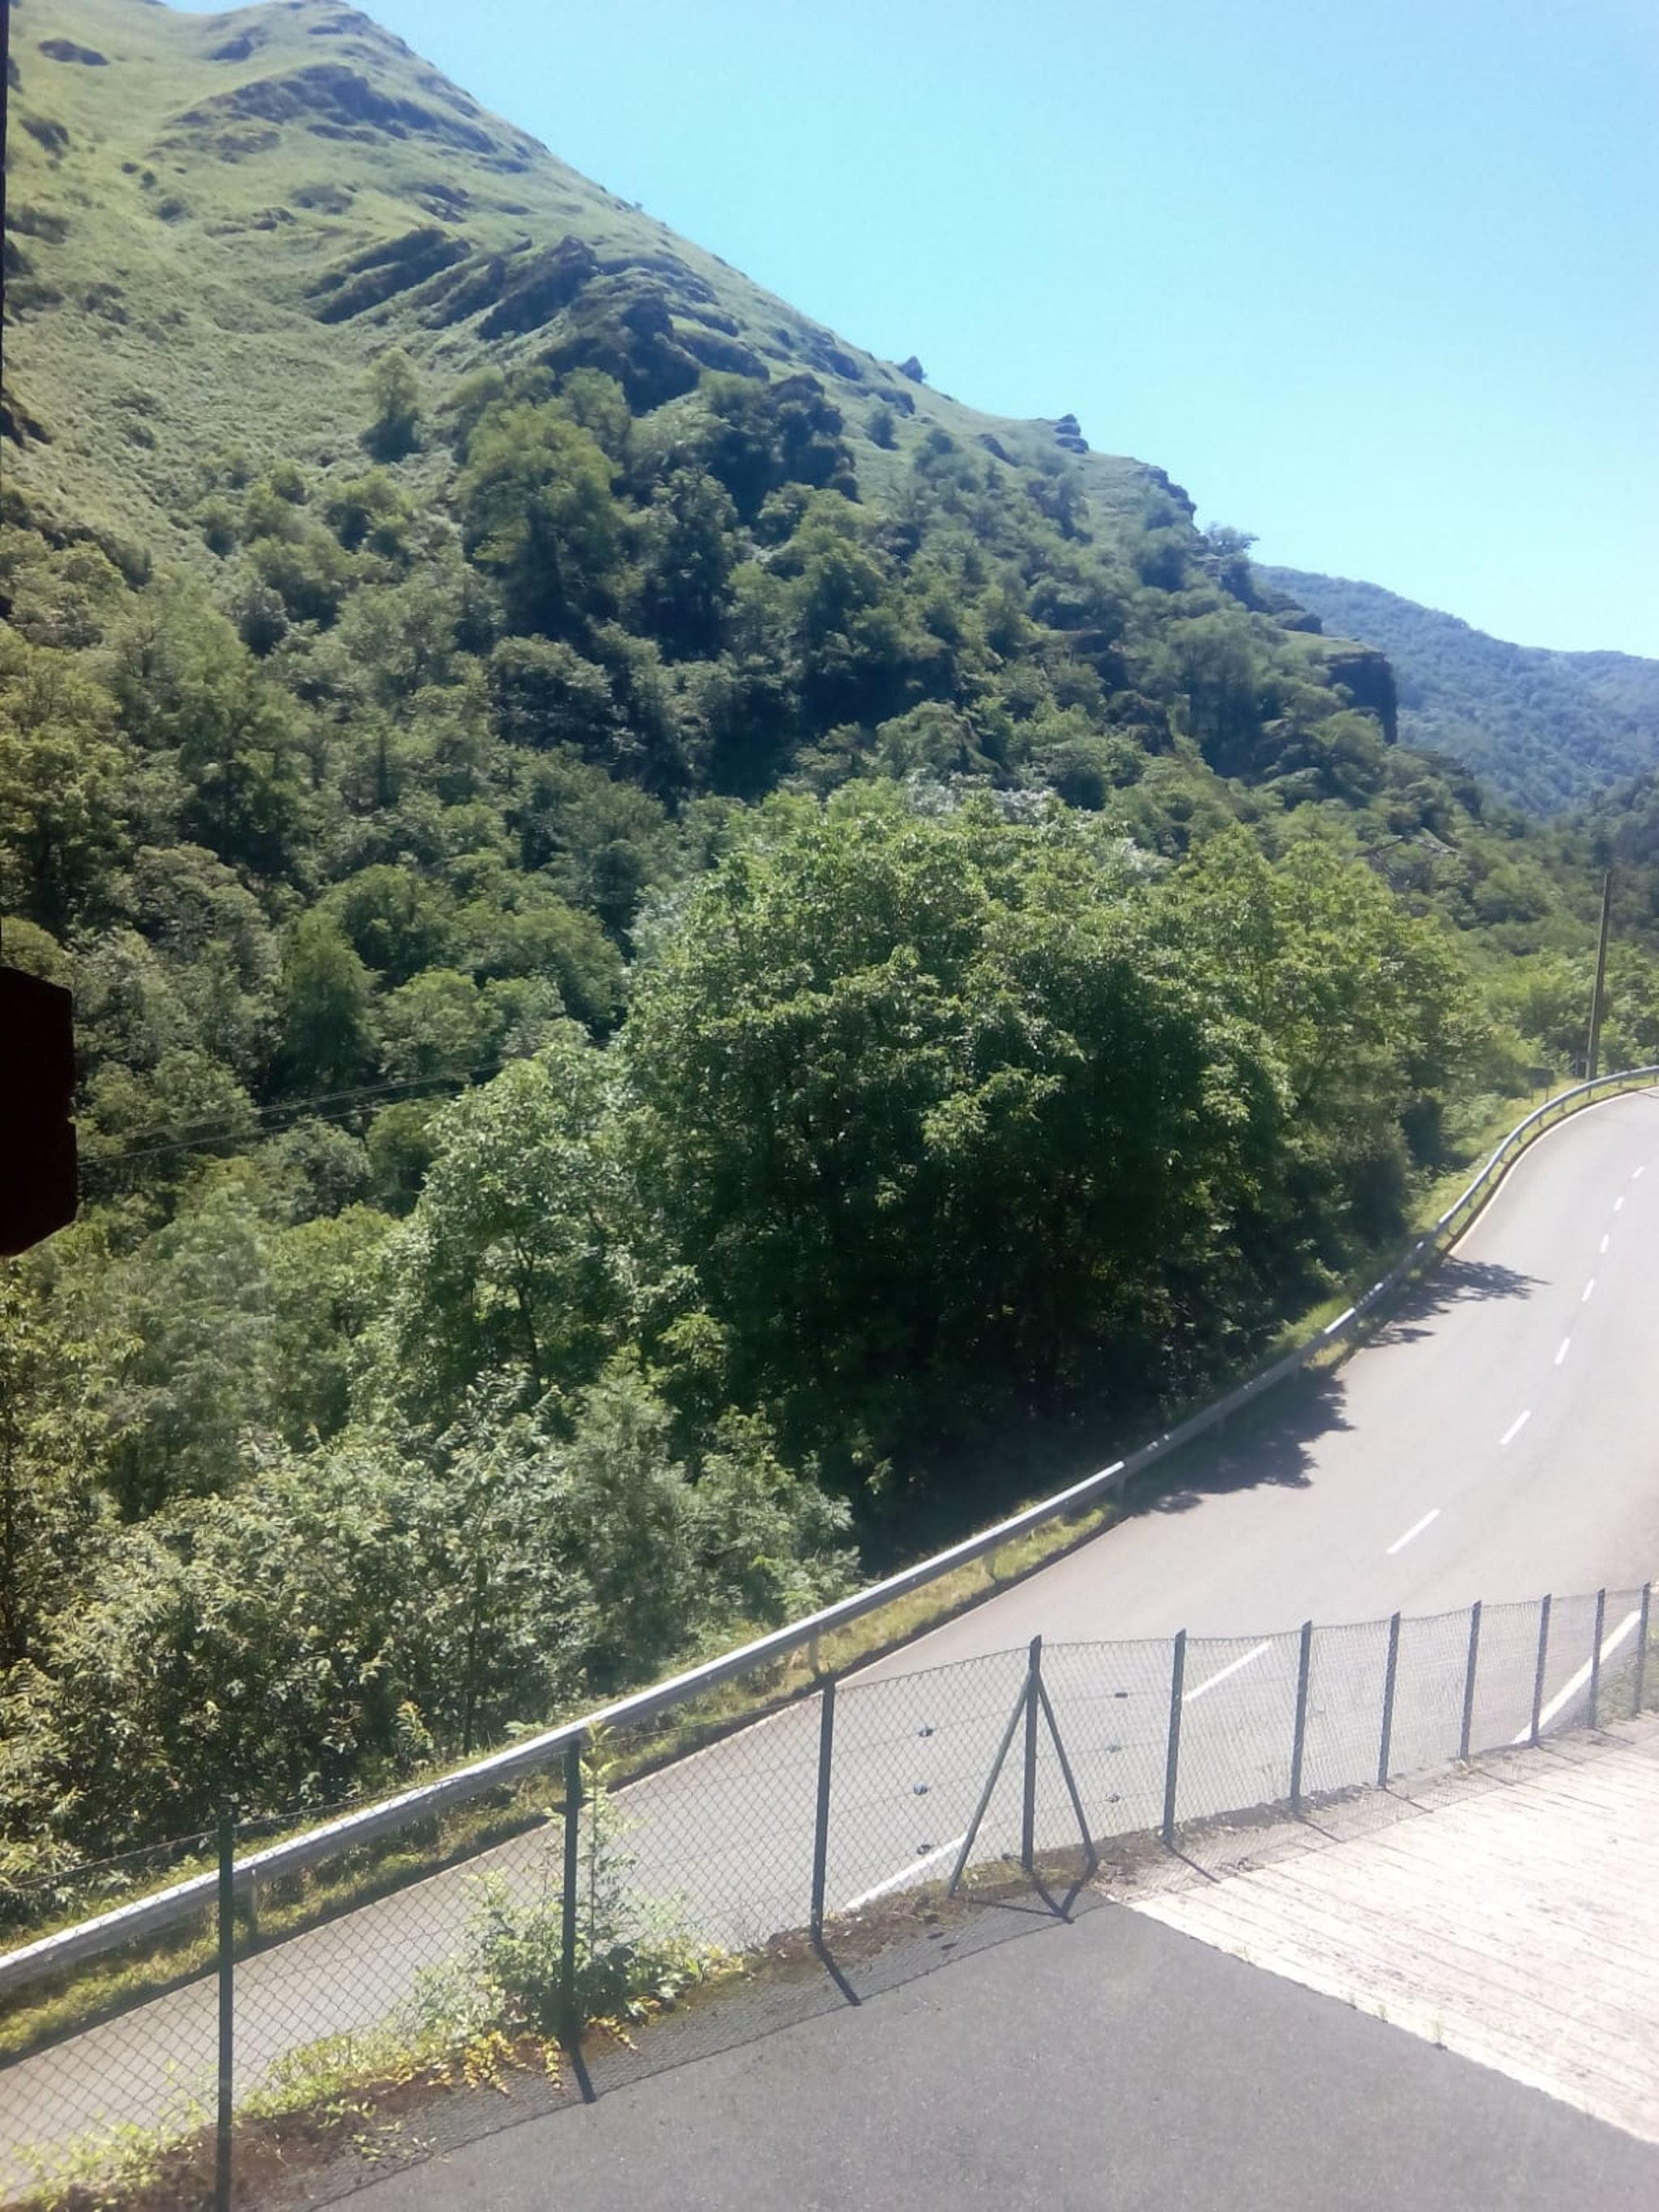 Ferienhaus Haus mit 4 Schlafzimmern in Valcarlos mit toller Aussicht auf die Berge, eingezäuntem Gart (2519329), Gañecoleta, , Navarra, Spanien, Bild 16